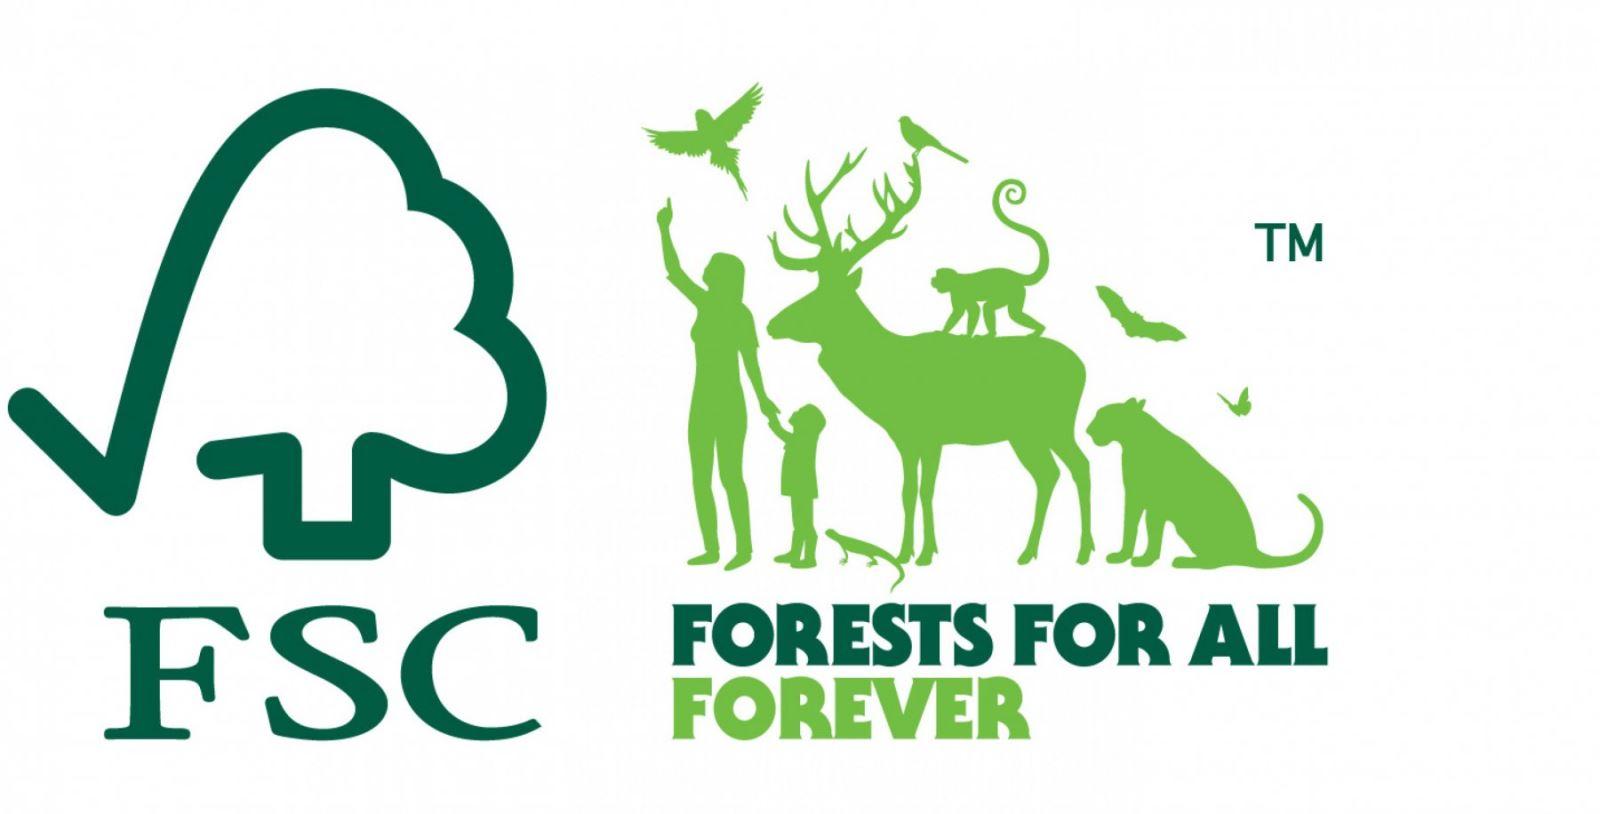 Chứng nhận FSC về tiêu chuẩn quản lý rừng bền vững